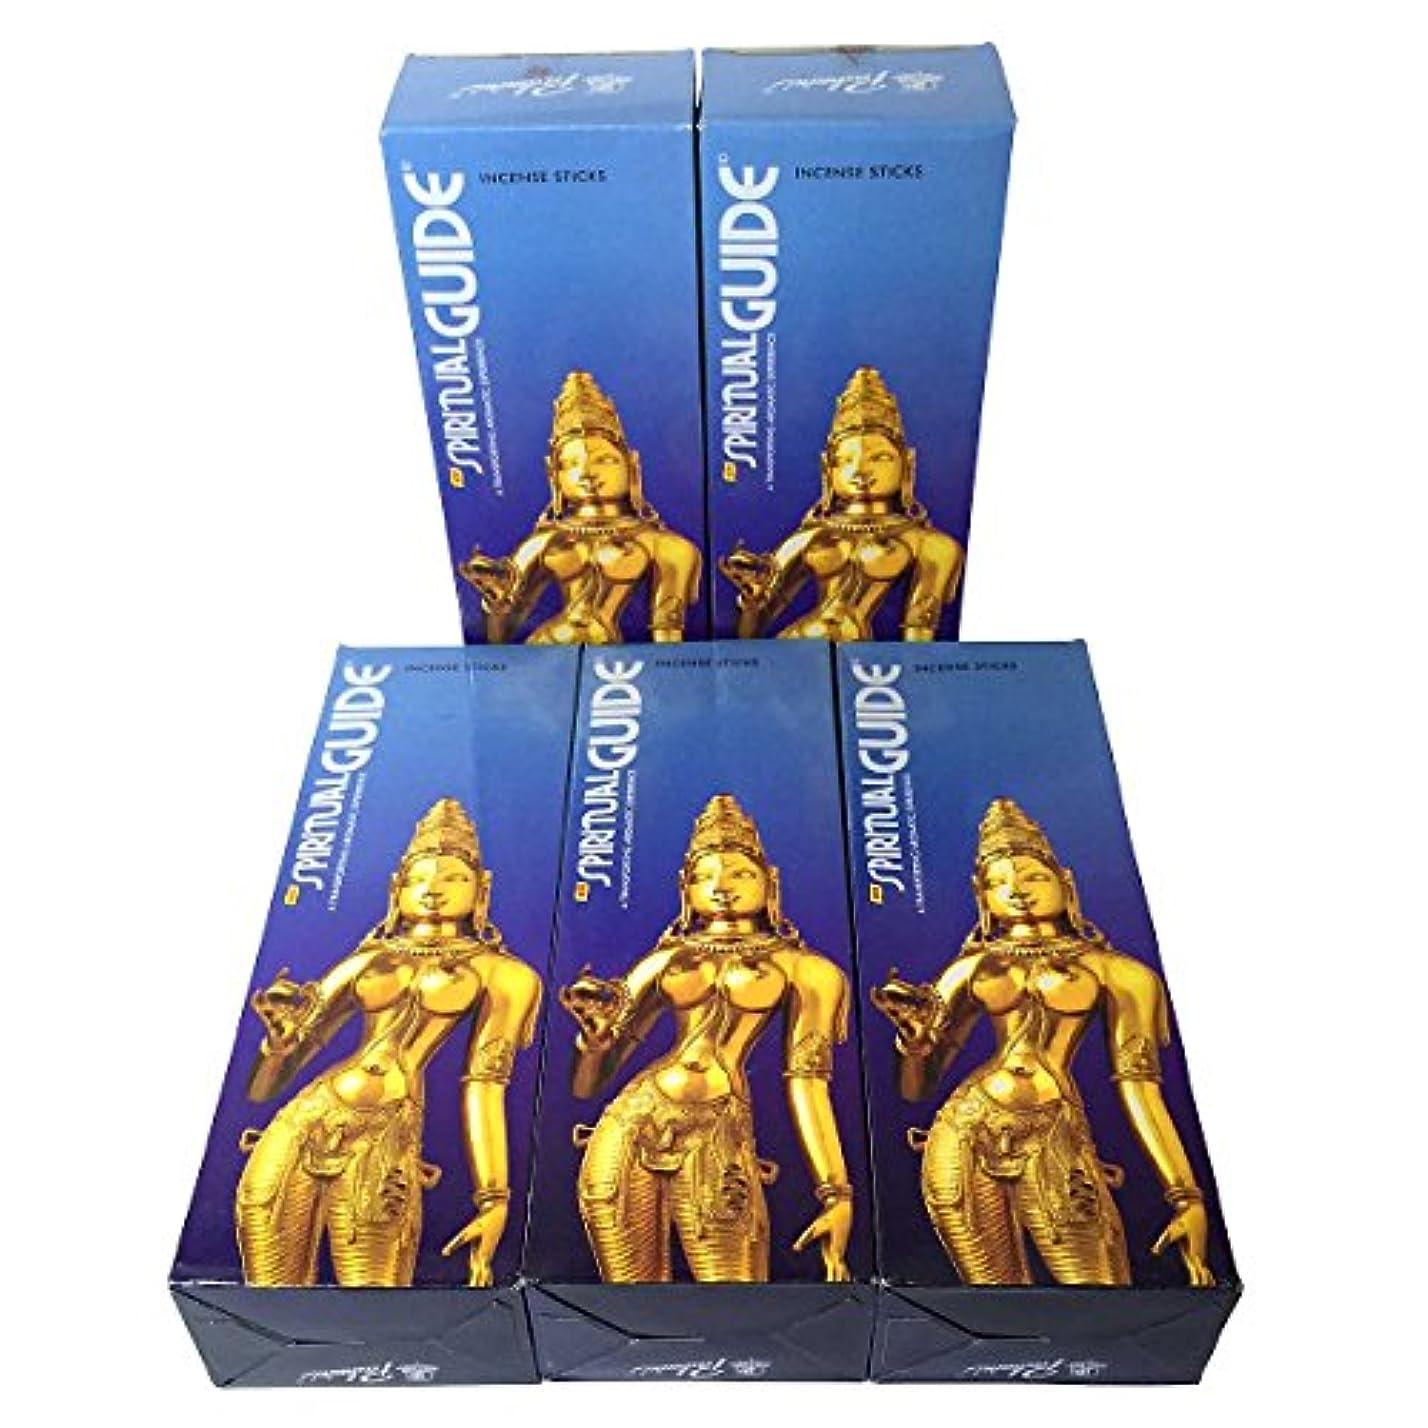 天国家族富豪スピリチュアルガイド香スティック 5BOX(30箱)/PADMINI SPIRITUALGUIDE インド香 / 送料無料 [並行輸入品]